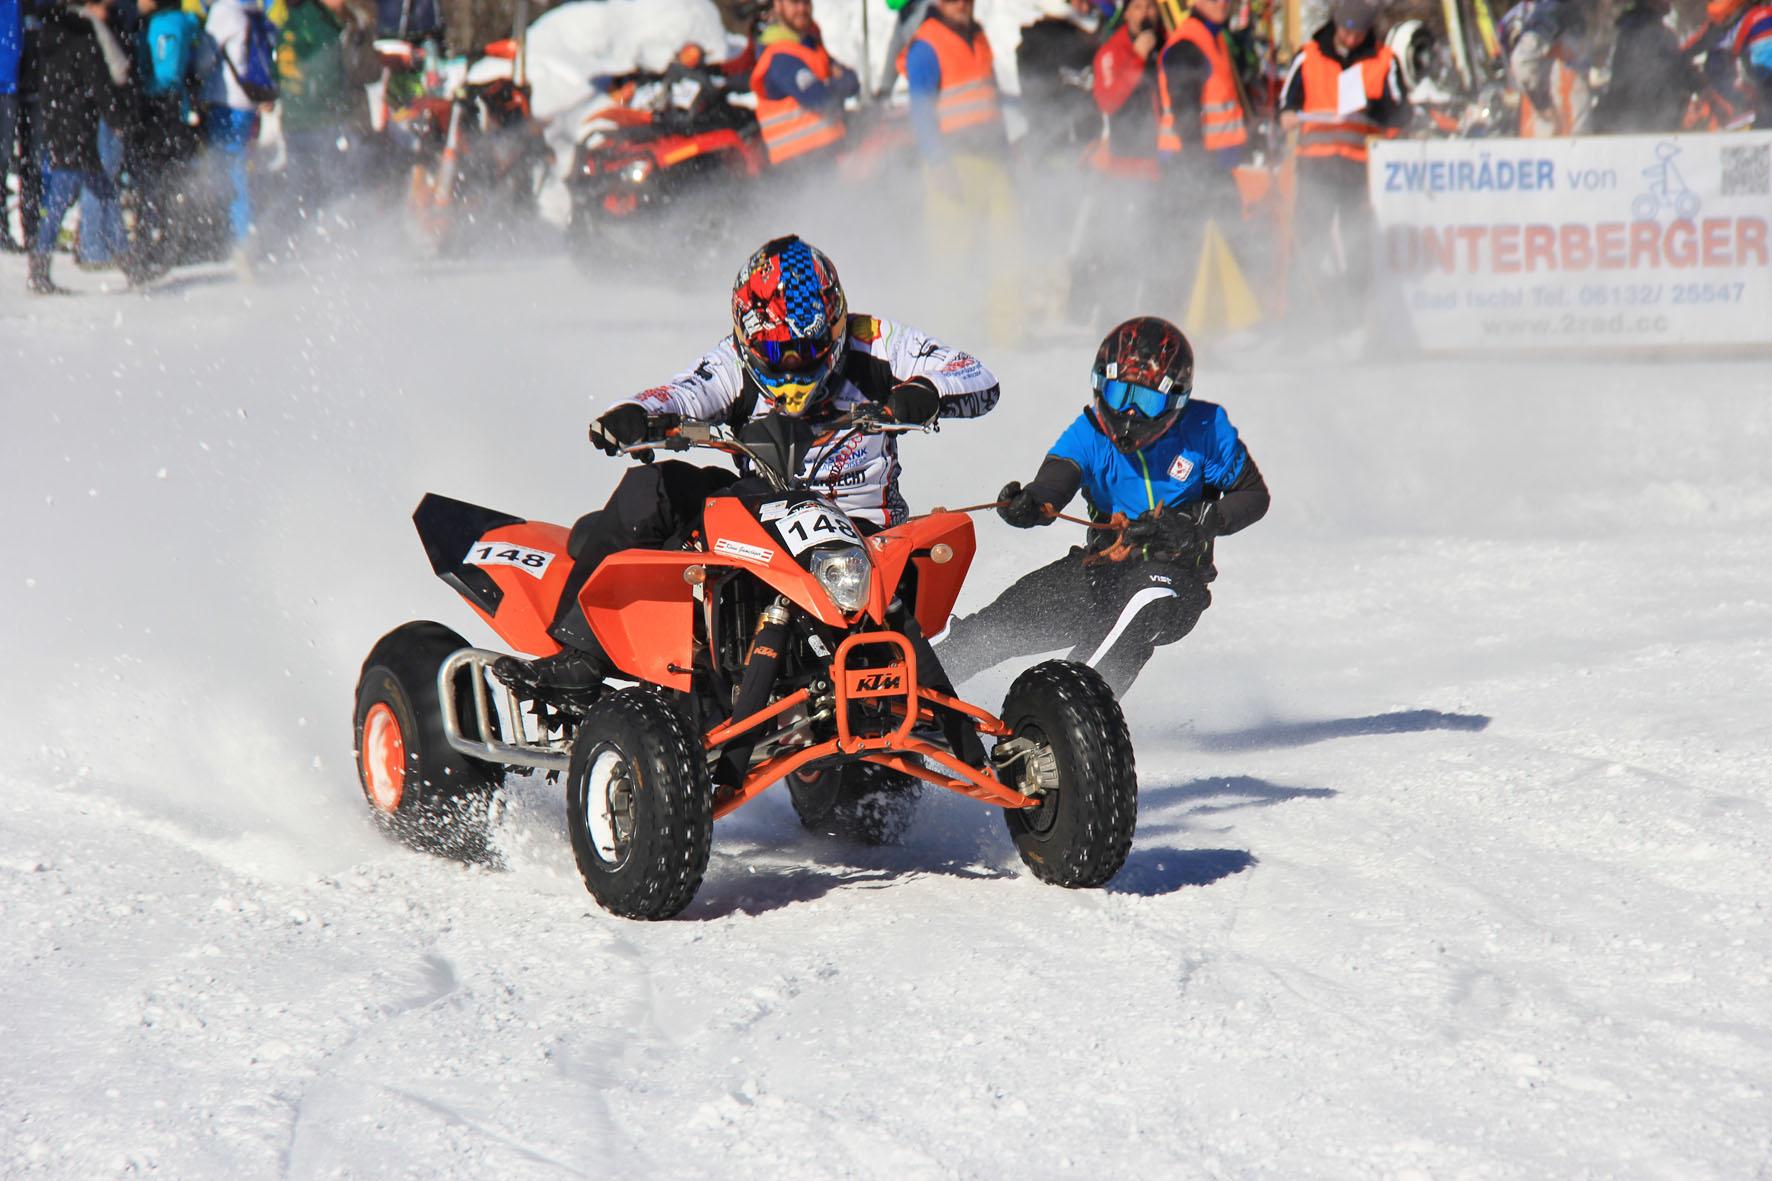 Holzknecht Skijöring Gosau _ Gamsjäger Klaus und Demmel Patrick _ Bild Karl Posch _ LR